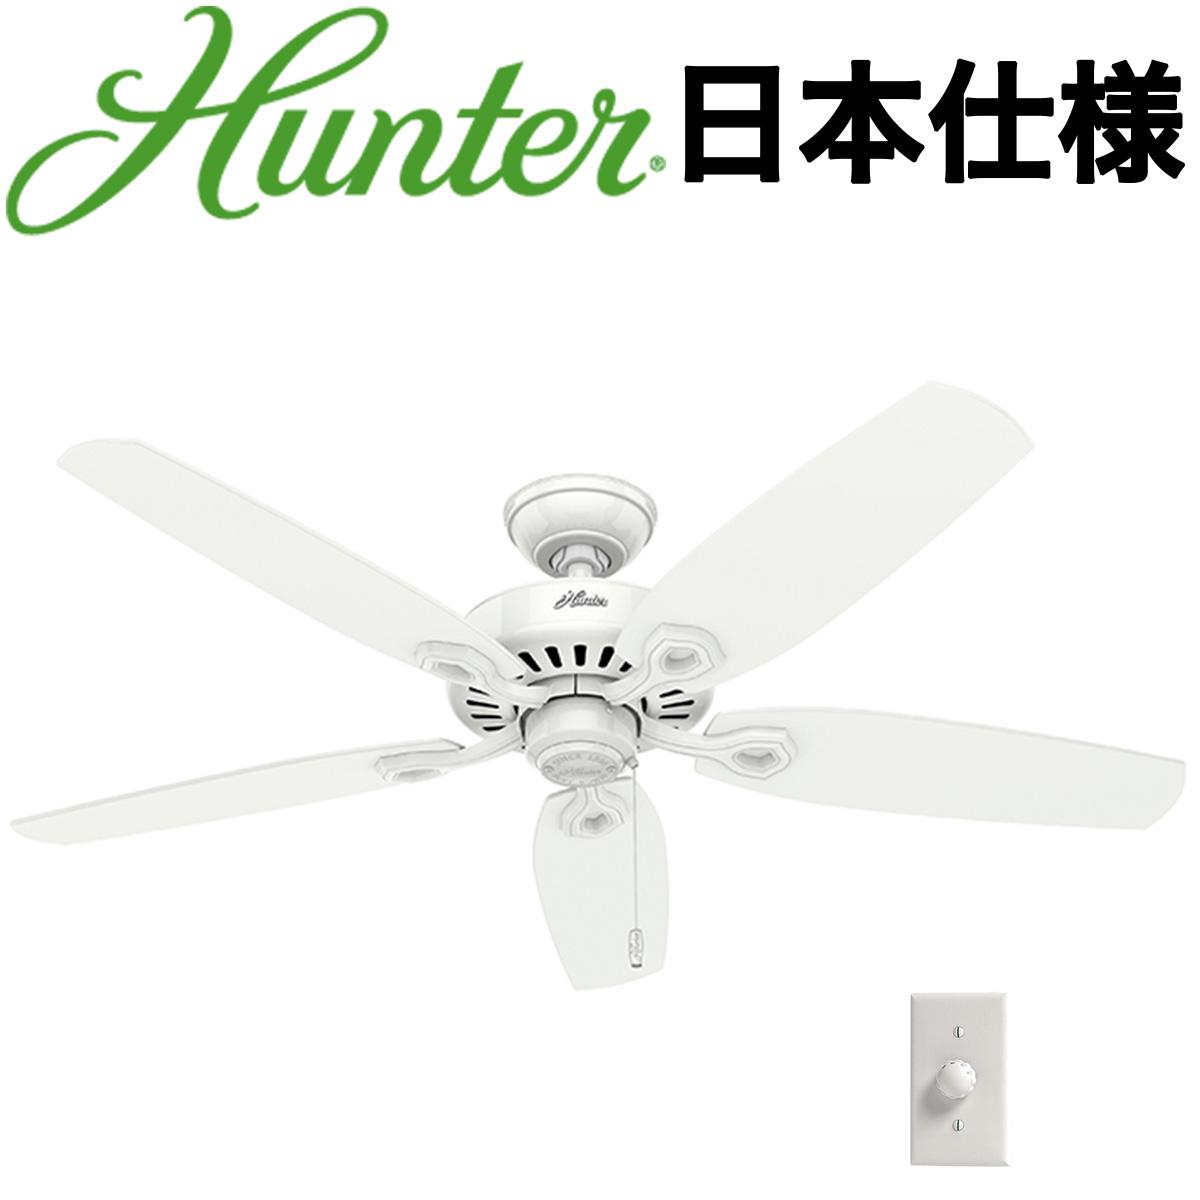 Hunter ハンター シーリングファン ビルダーエリート スノーホワイト 53240 傾斜天井 吹き抜け おしゃれ かっこいい 送料無料